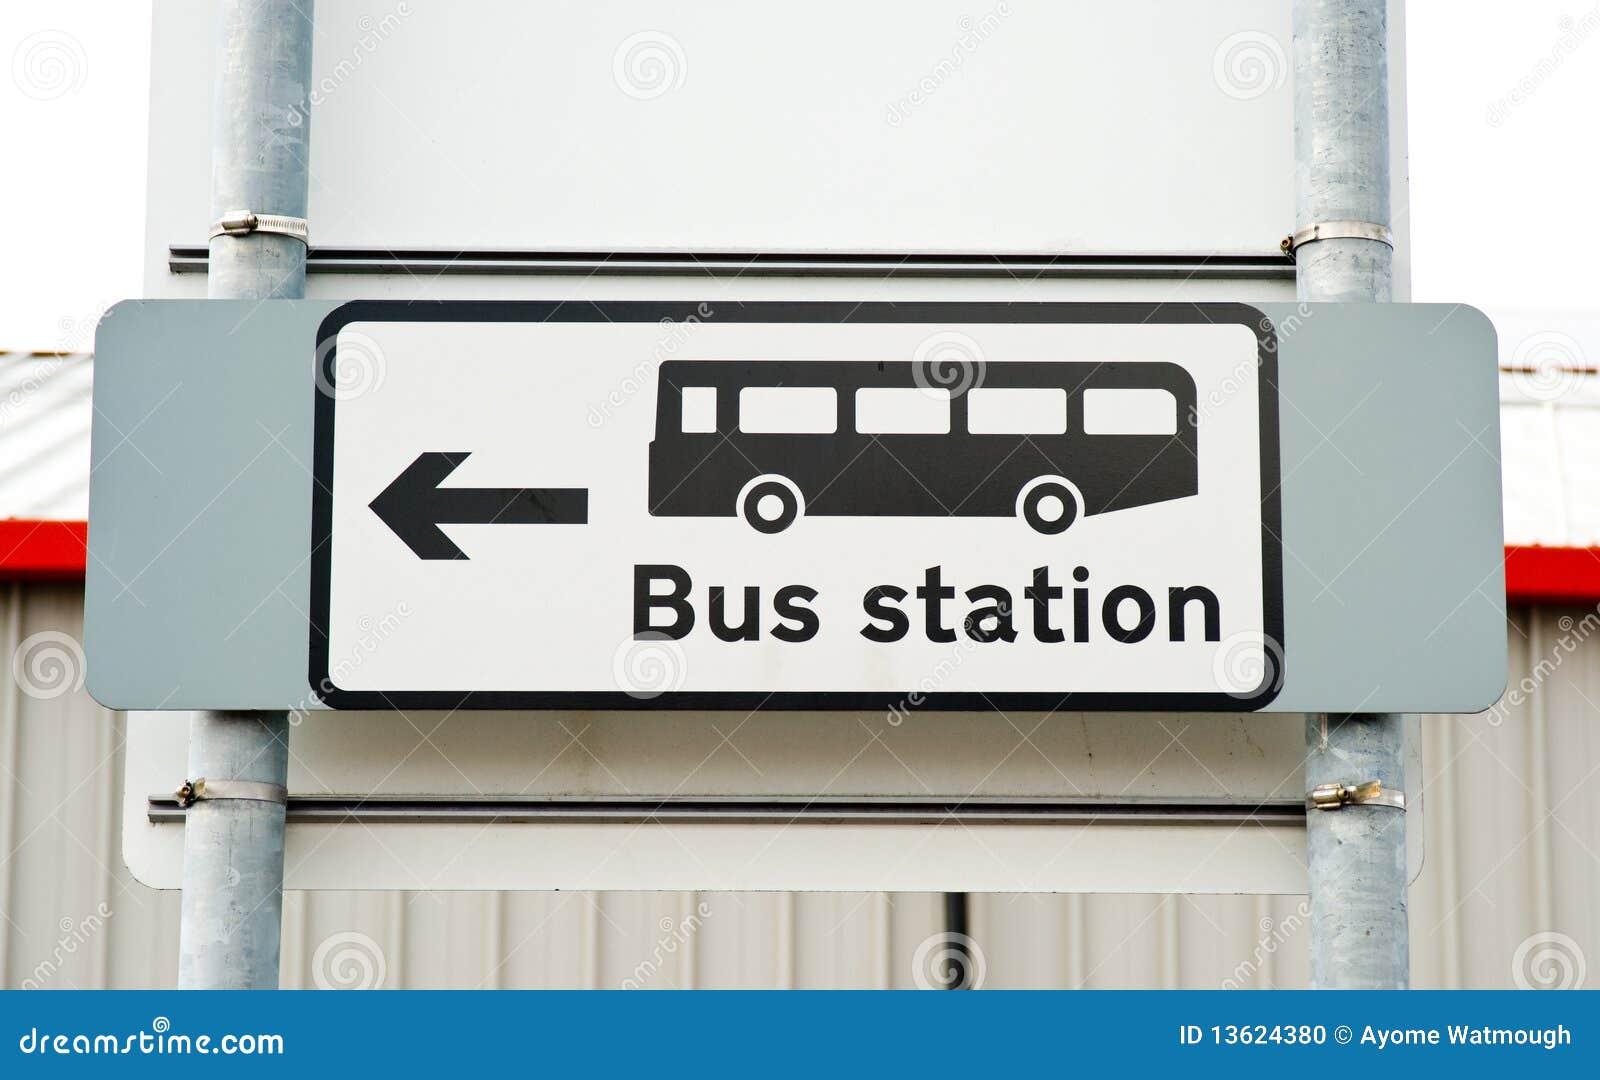 Teken voor en richting aan busstation.